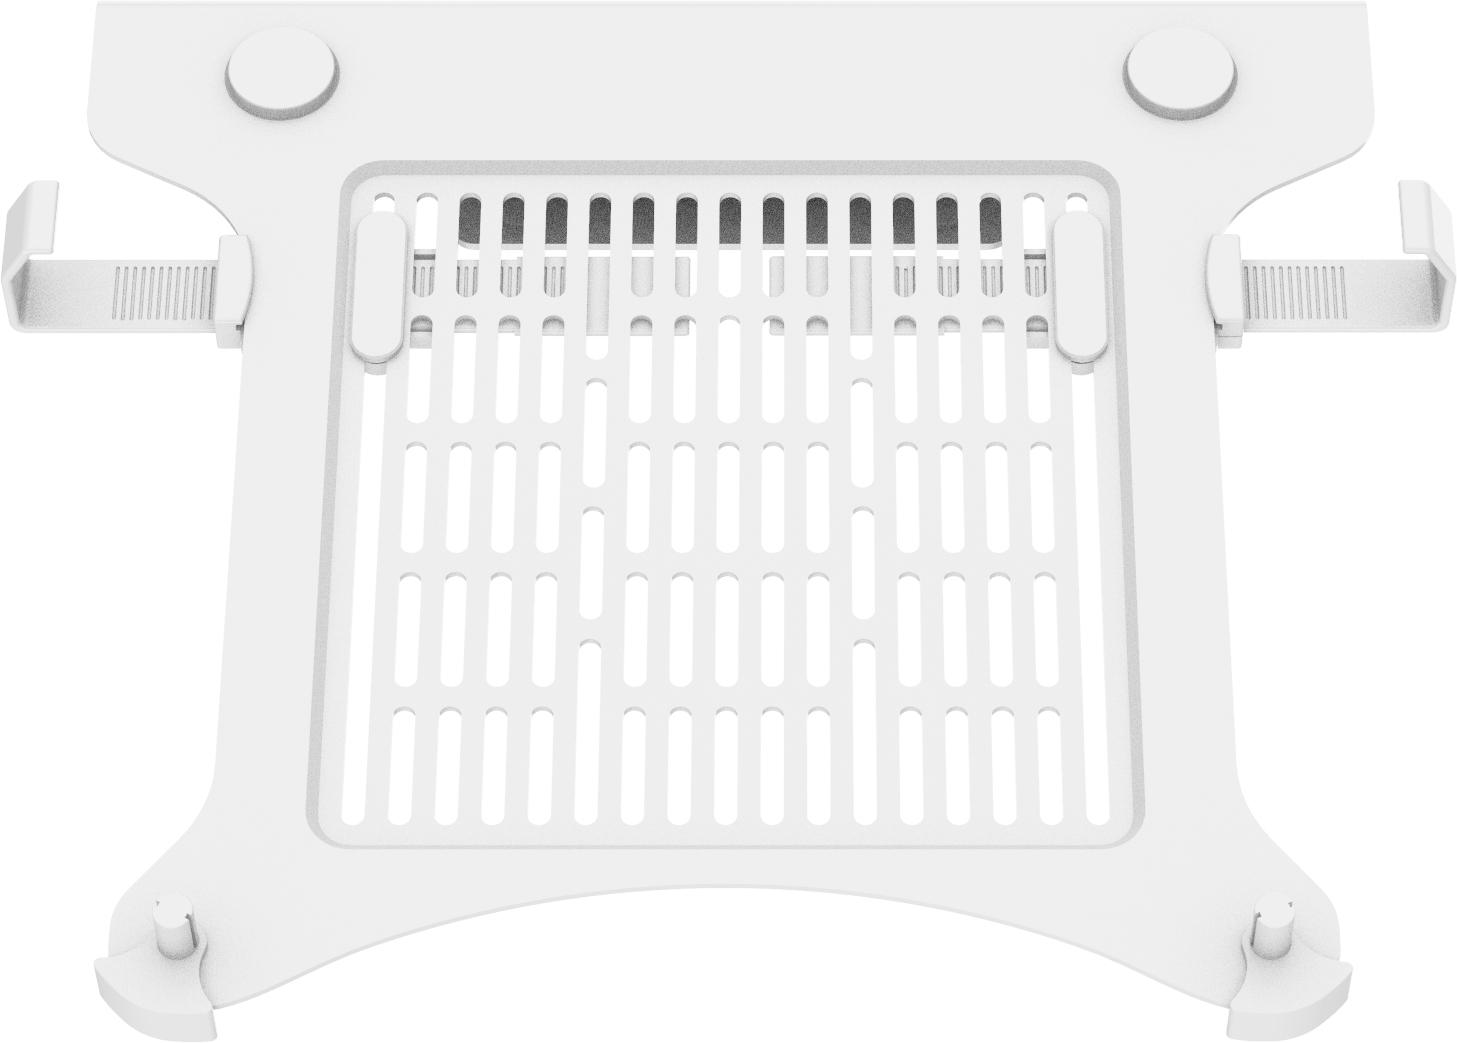 Vision VFM-DA3SHELFW soporte para ordenador portátil Notebook arm shelf Blanco